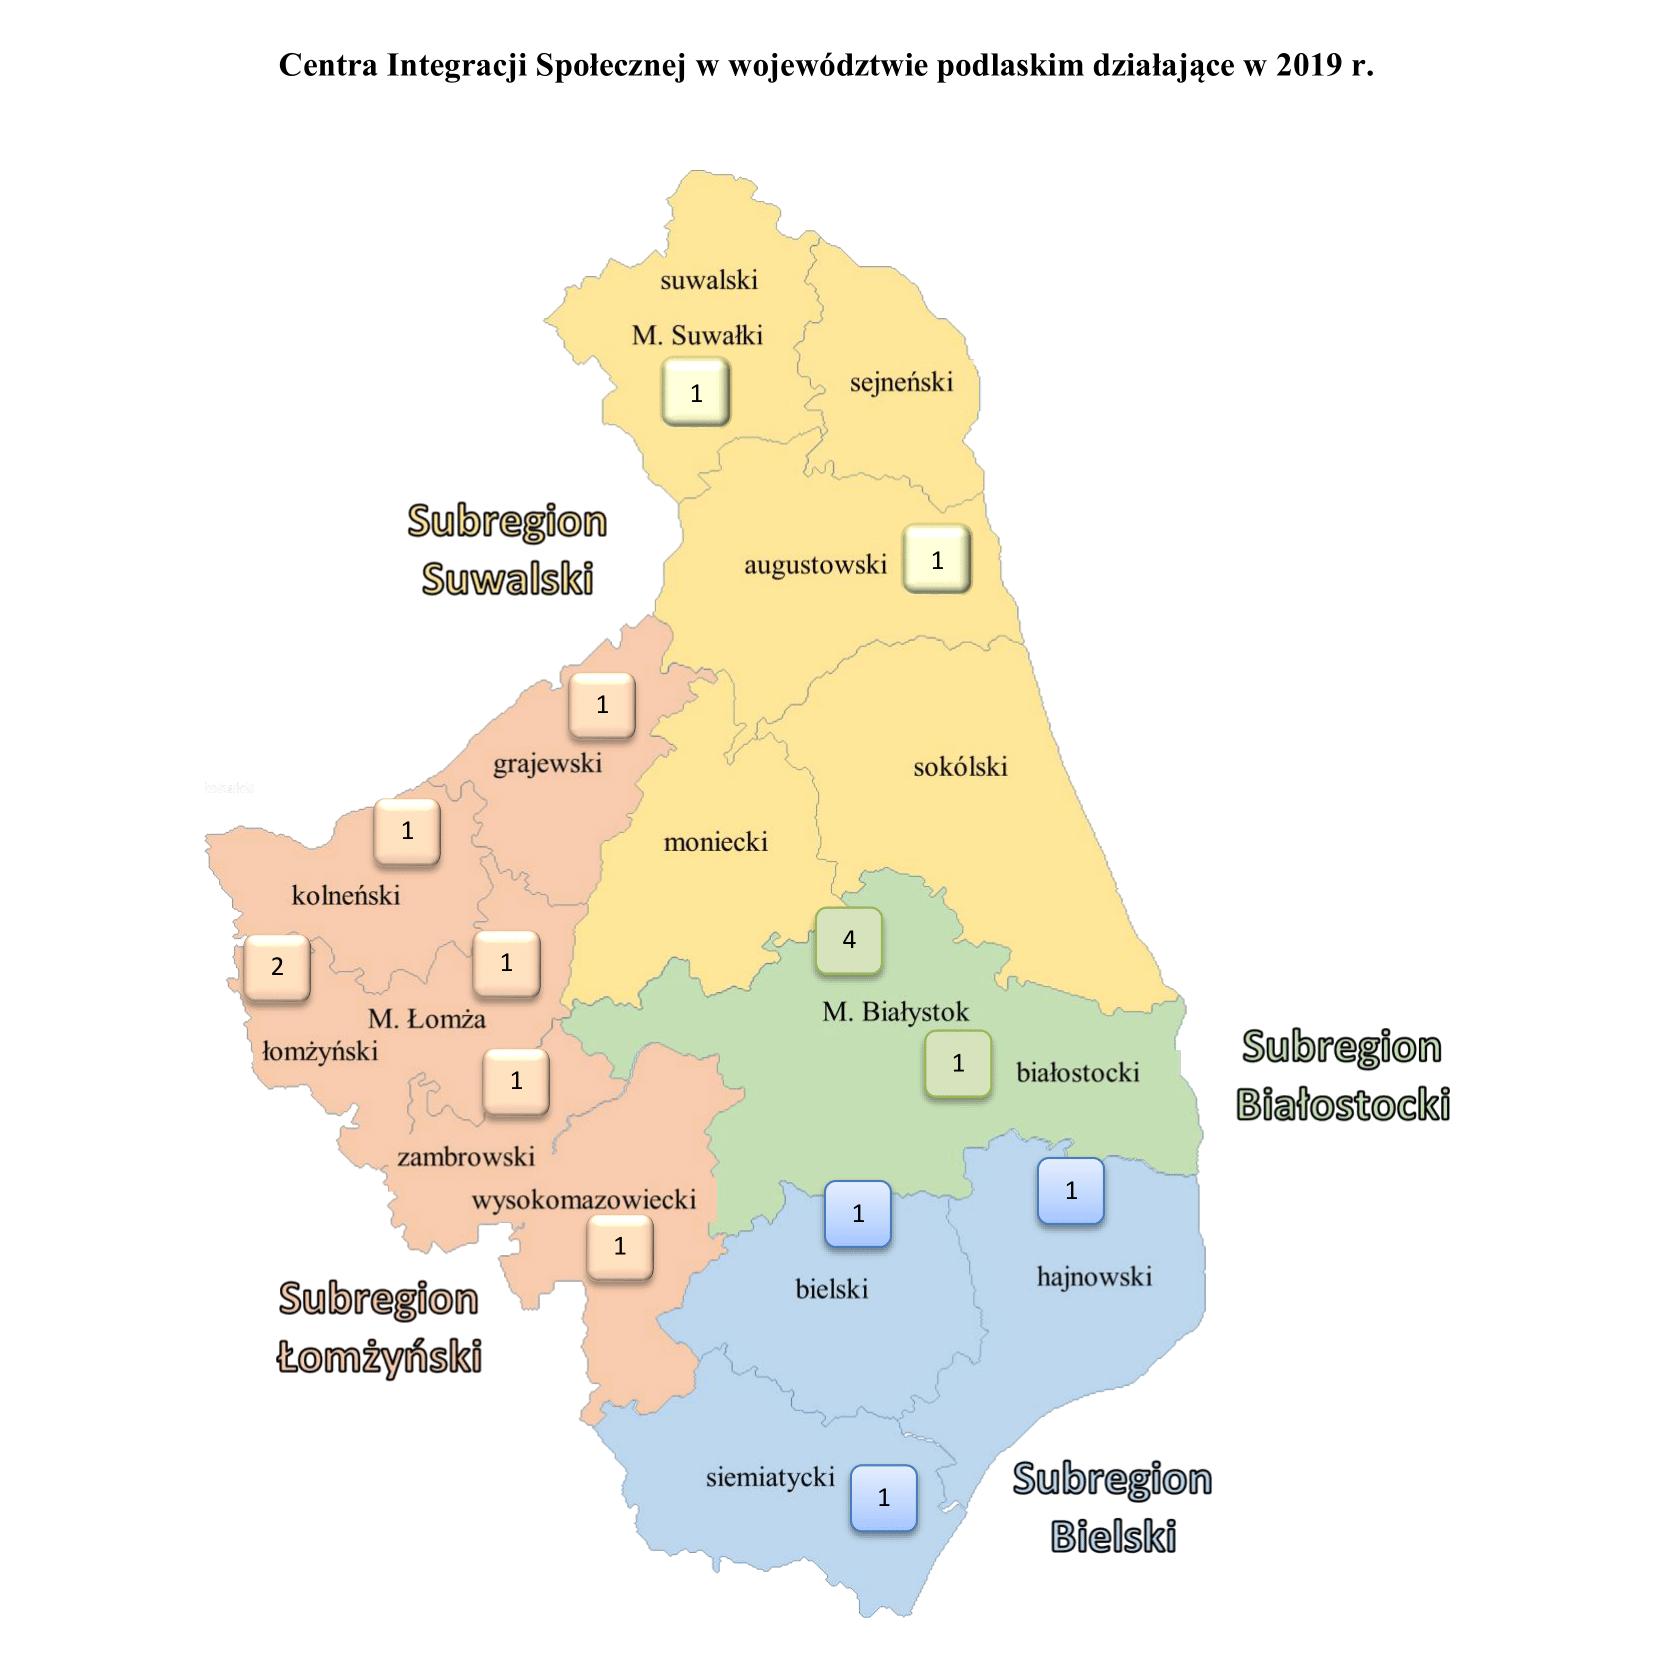 mapa podlasia subregiony ekonomii społecznej